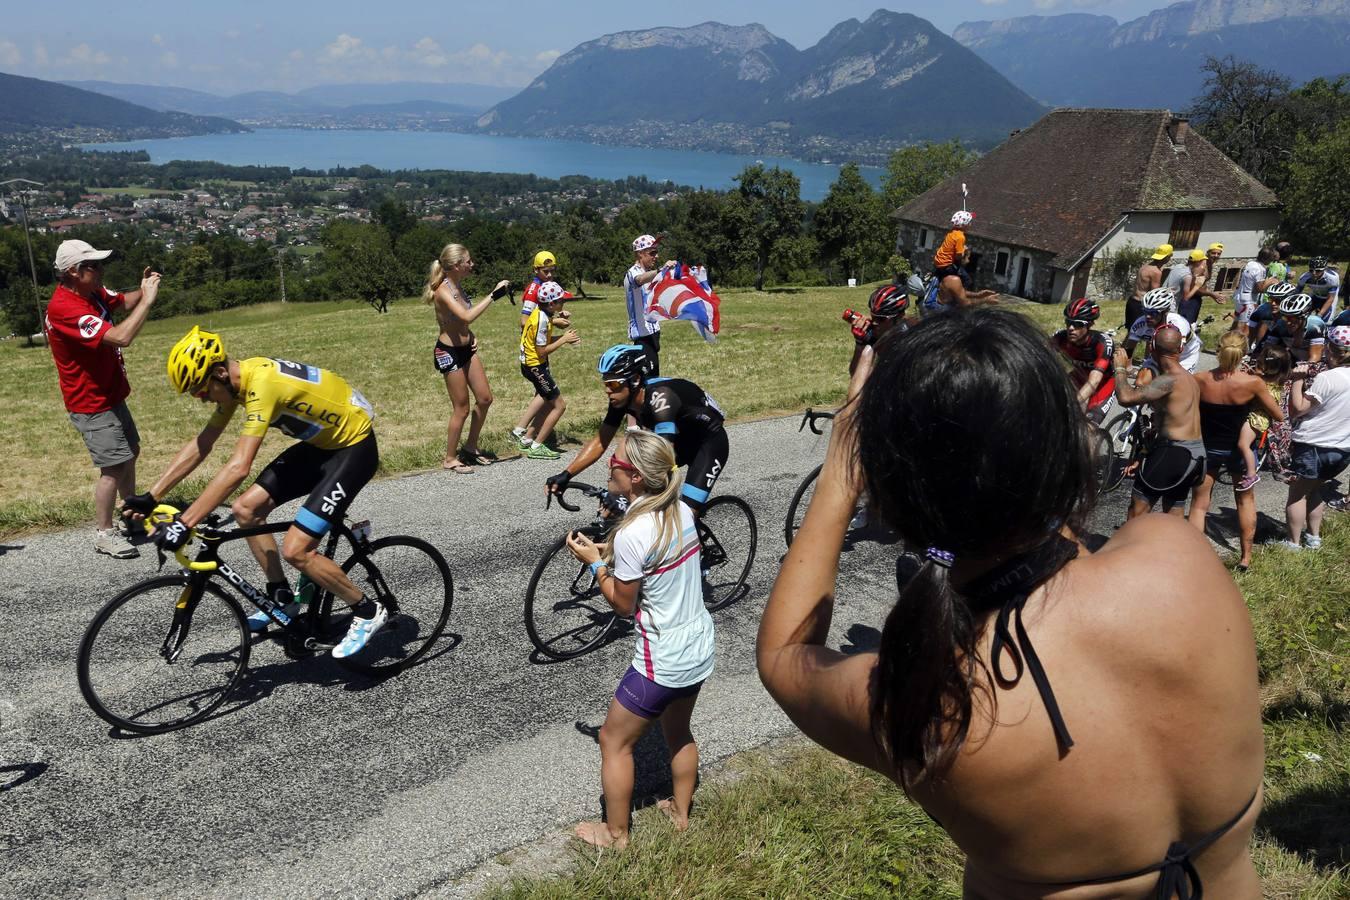 Penúltima etapa del Tour de Francia 2013